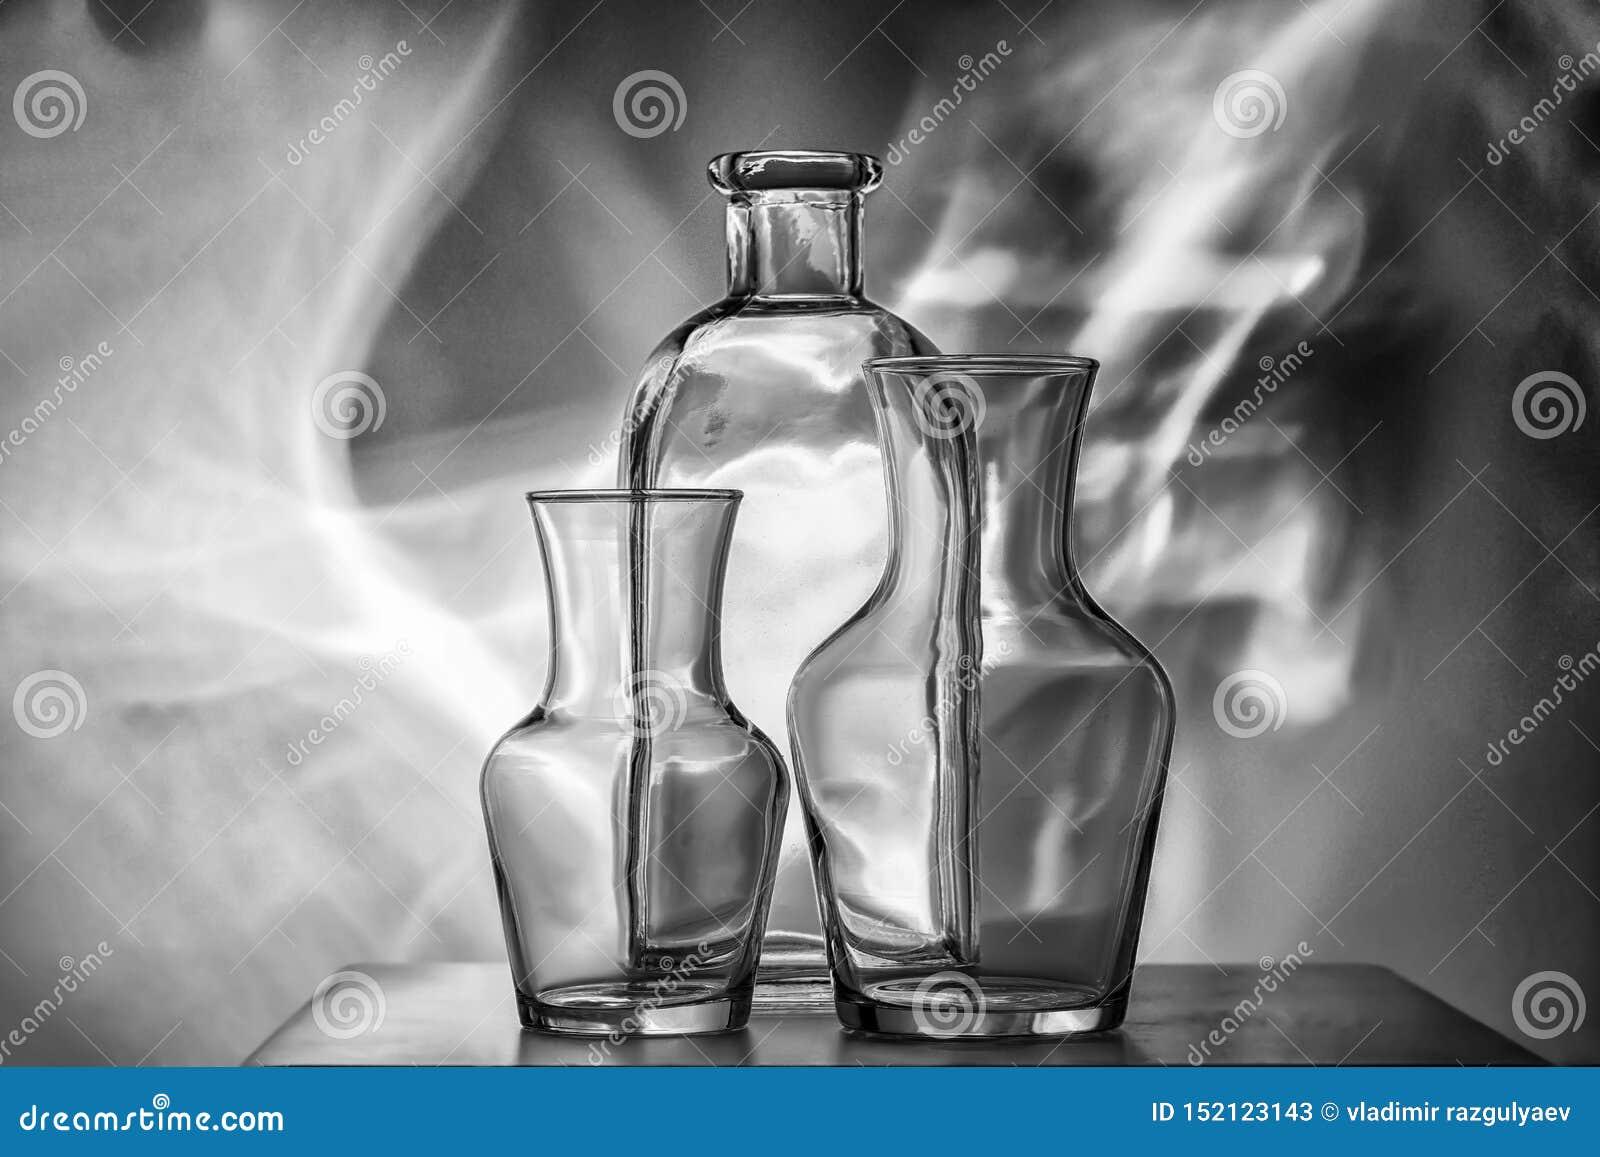 Transparente Geschirrglasflaschen verschiedene Größen, drei Stücke auf einem Schwarzweiss-Foto sehr schönes Stillleben